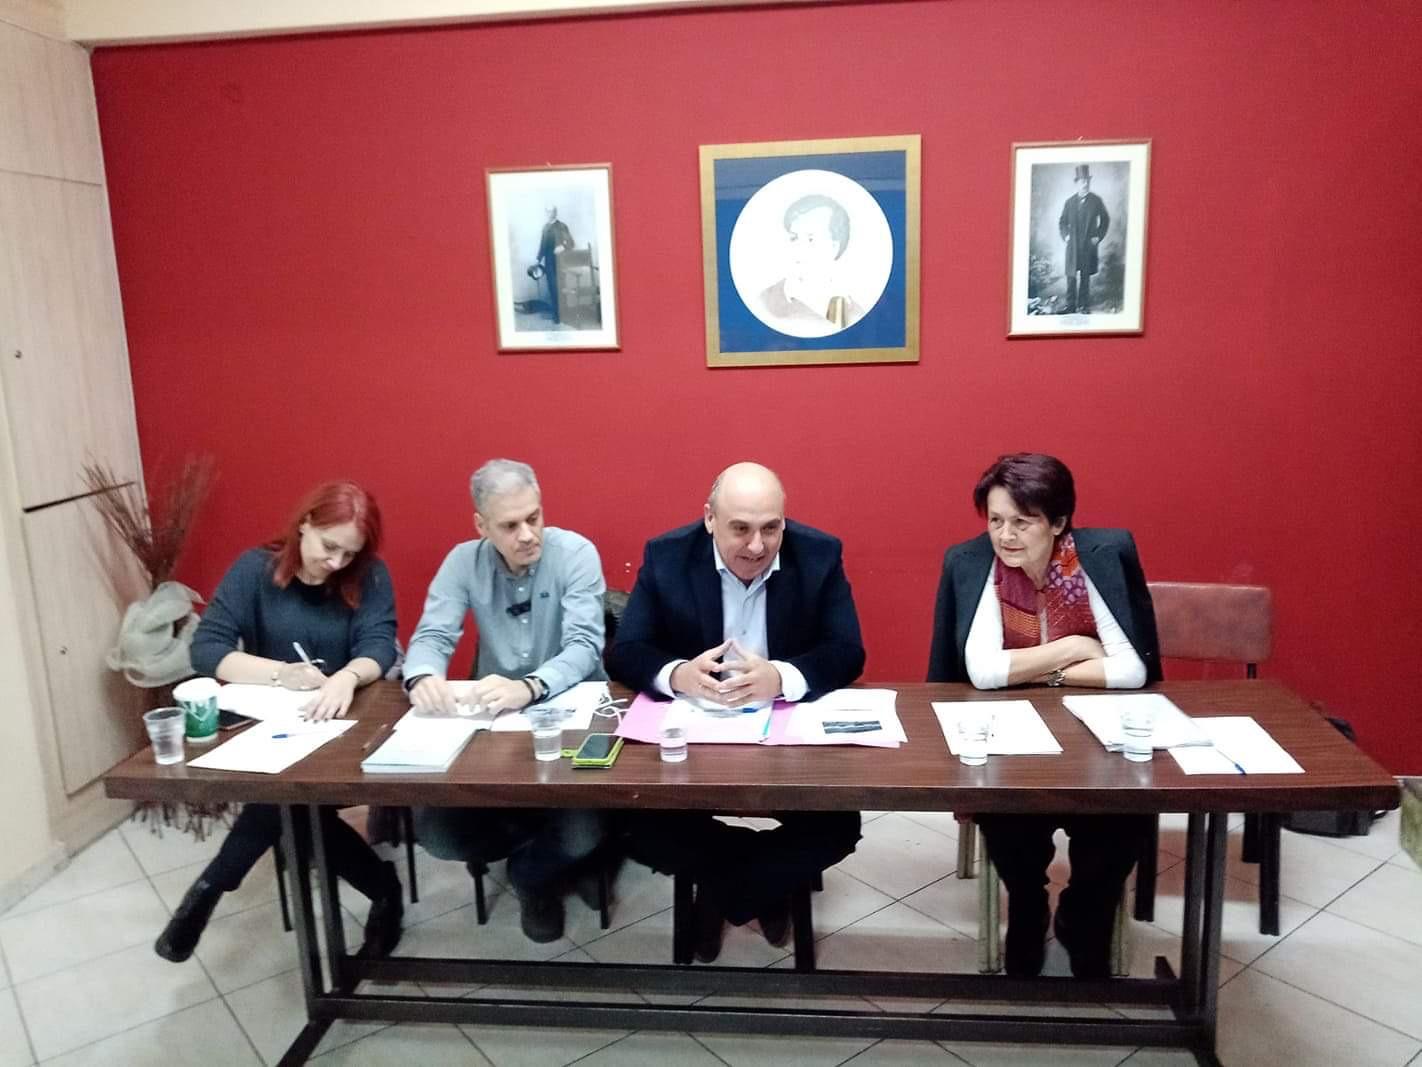 Συναντήσεις συλλόγων μελών της ΟΠΣΥΝ με τον Δήμαρχο Ναυπακτίας